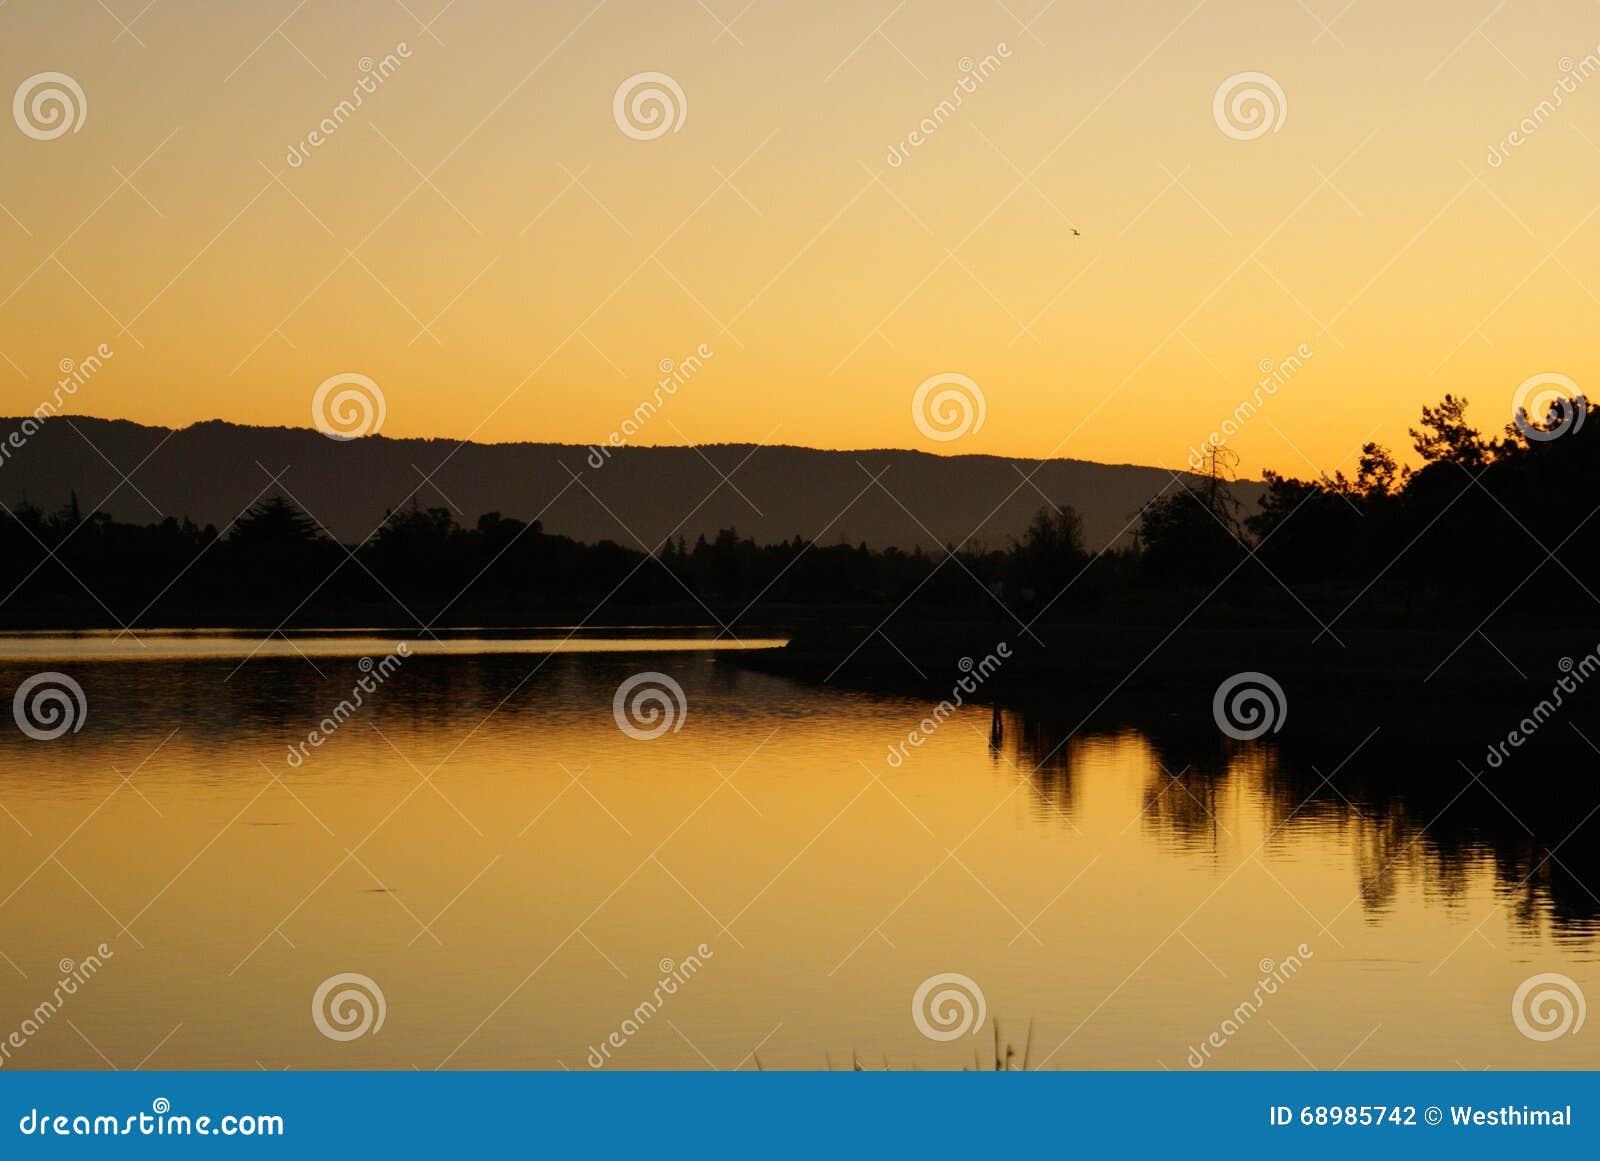 Oscuridad en el lago park de Shorline, Mountain View, California,